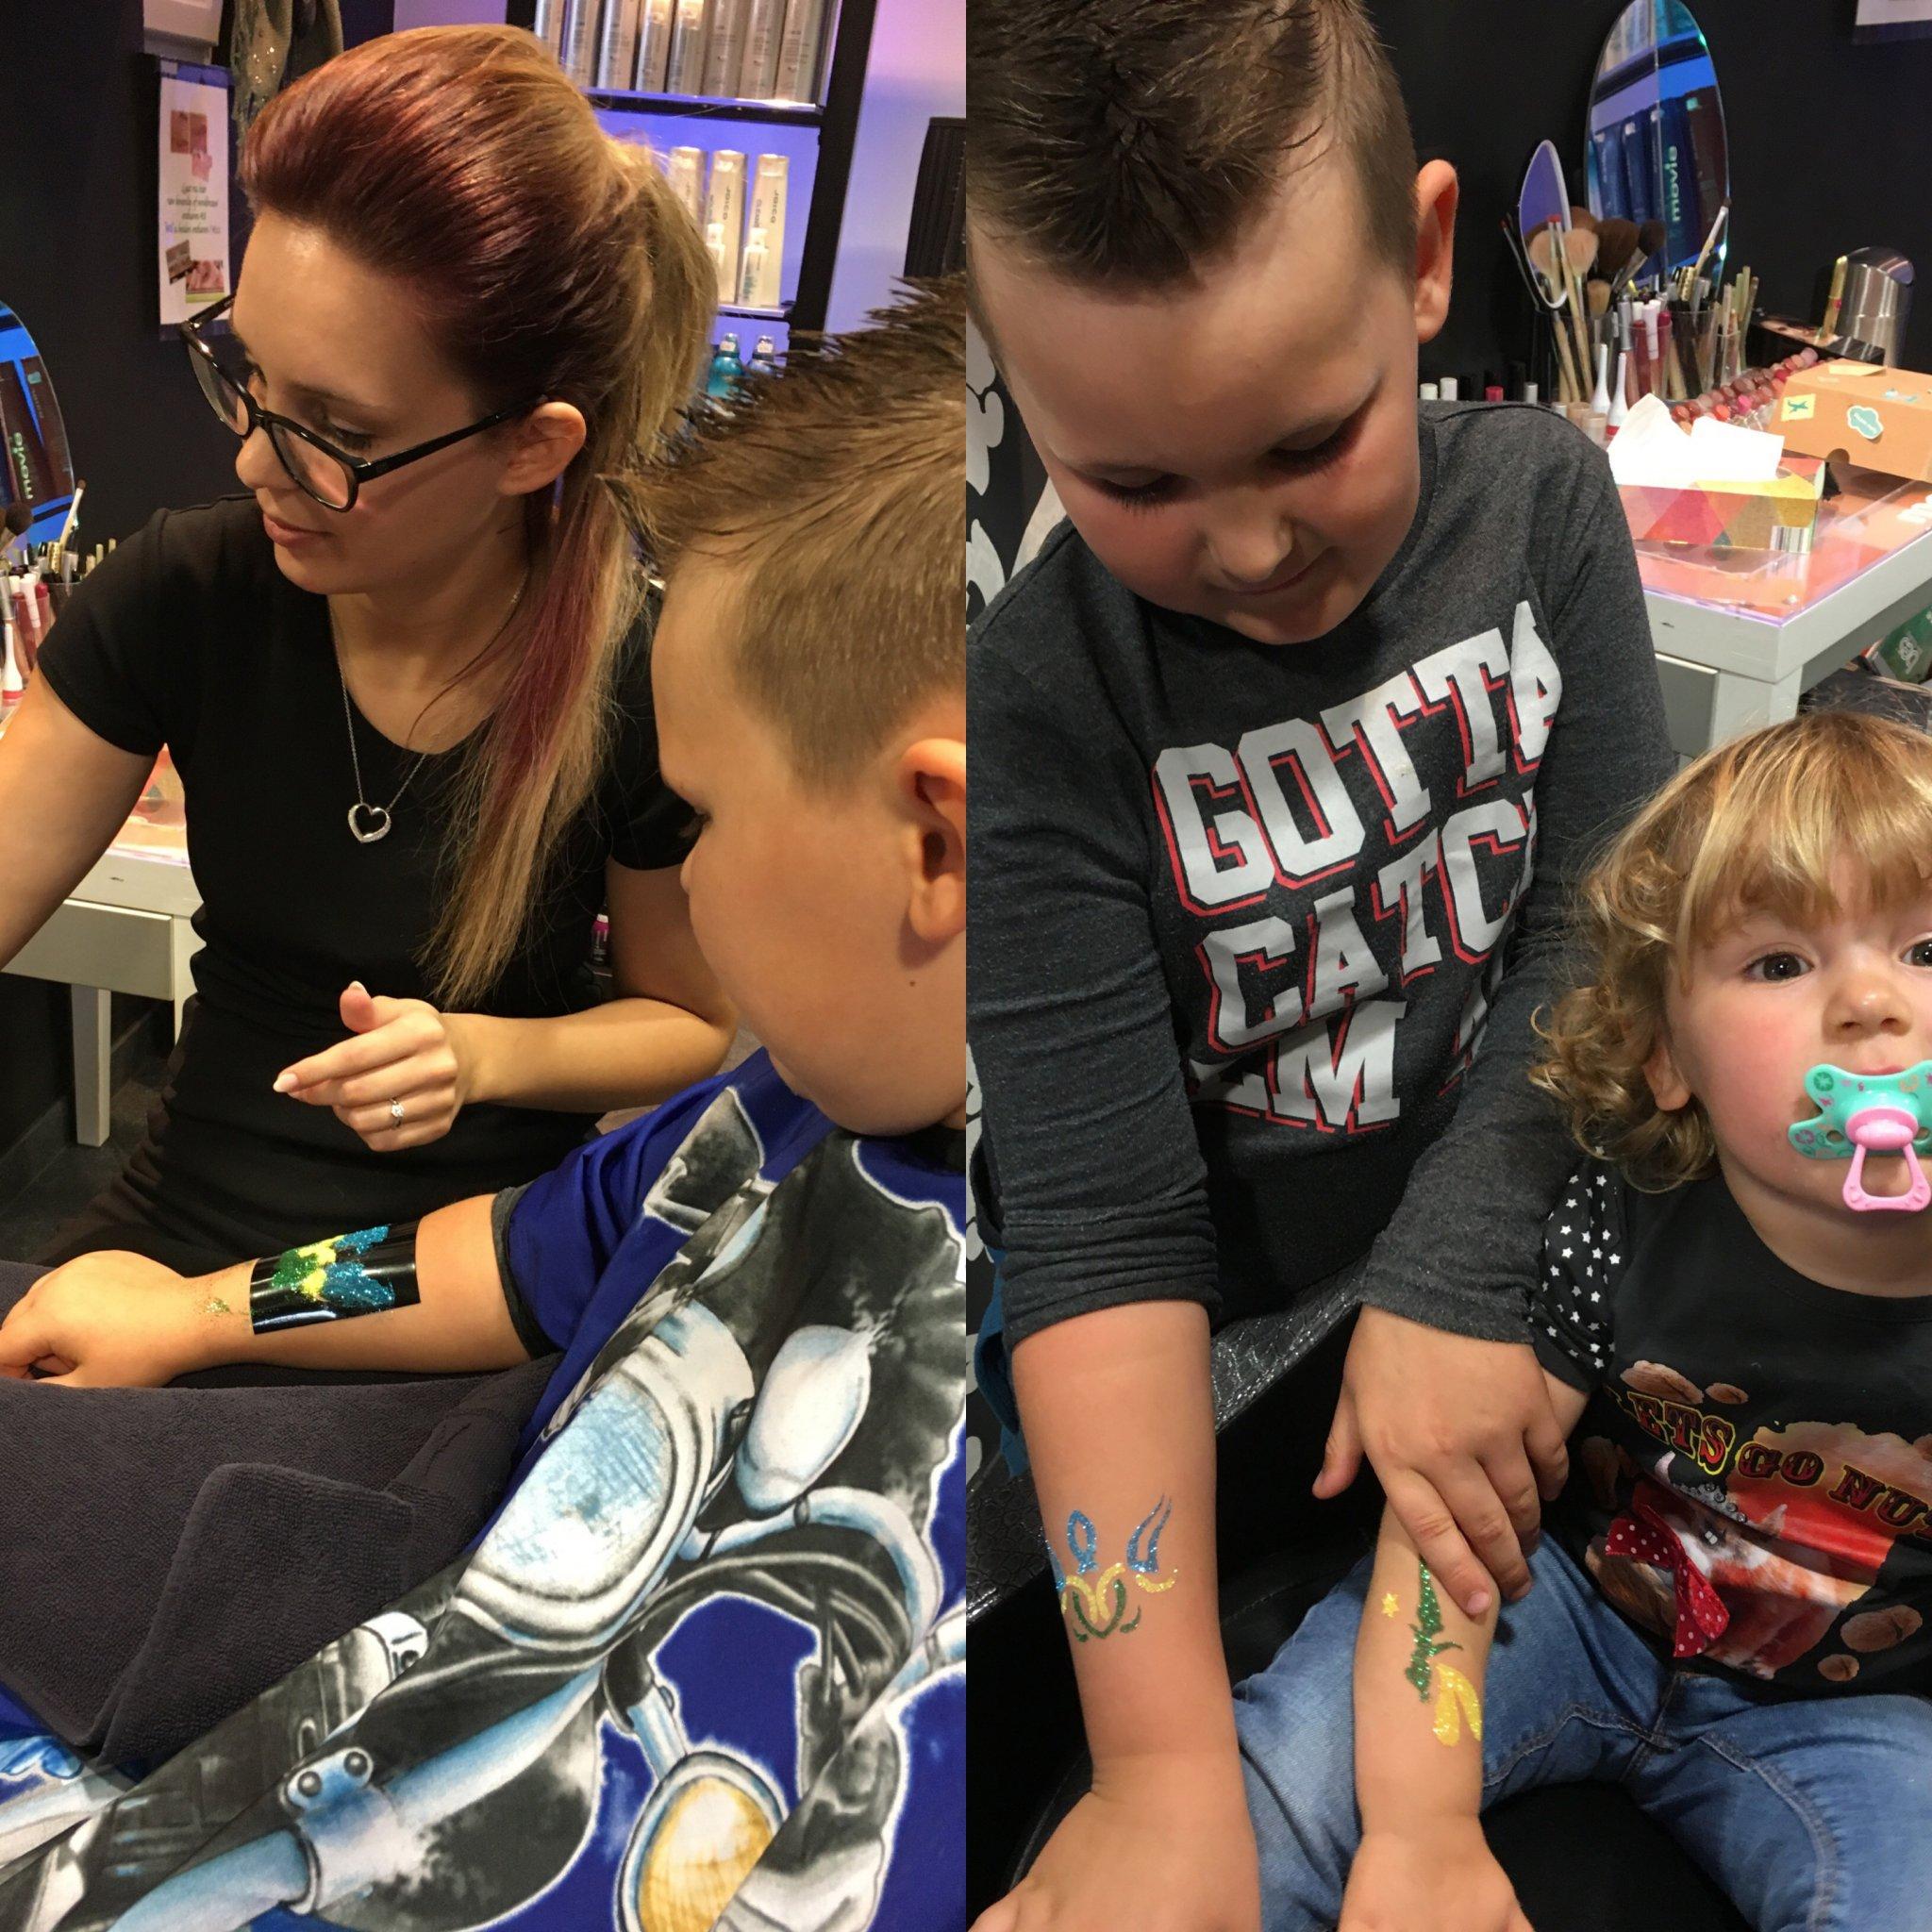 Voor de kids hebben we leuke extraatjes, een tatoo of kindergrime.